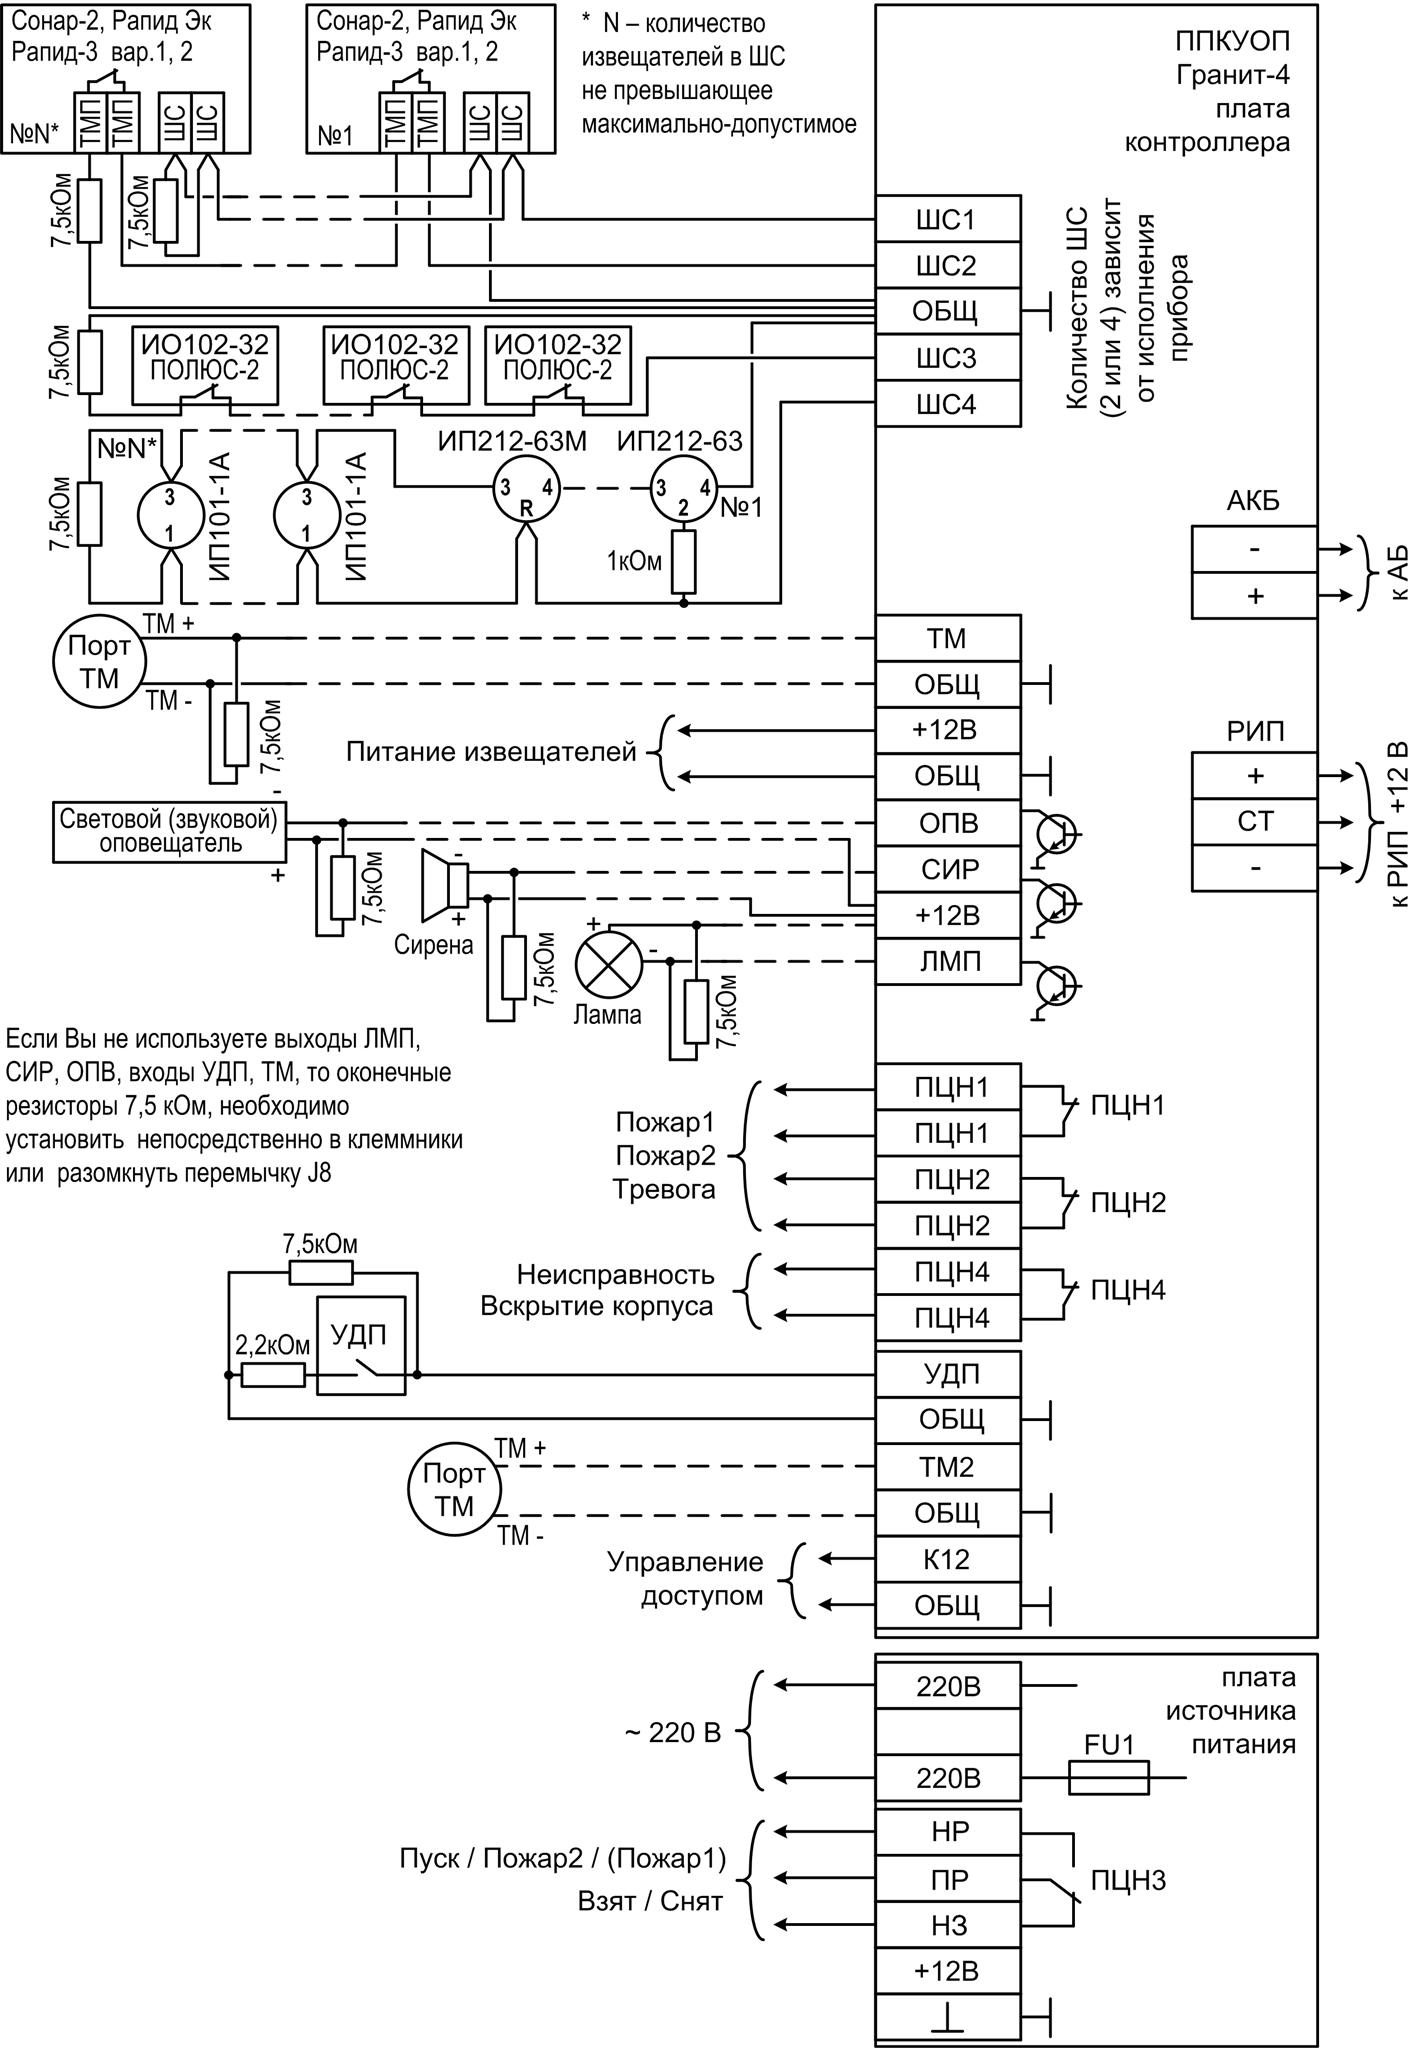 Инструкция по эксплуатации гранит 4